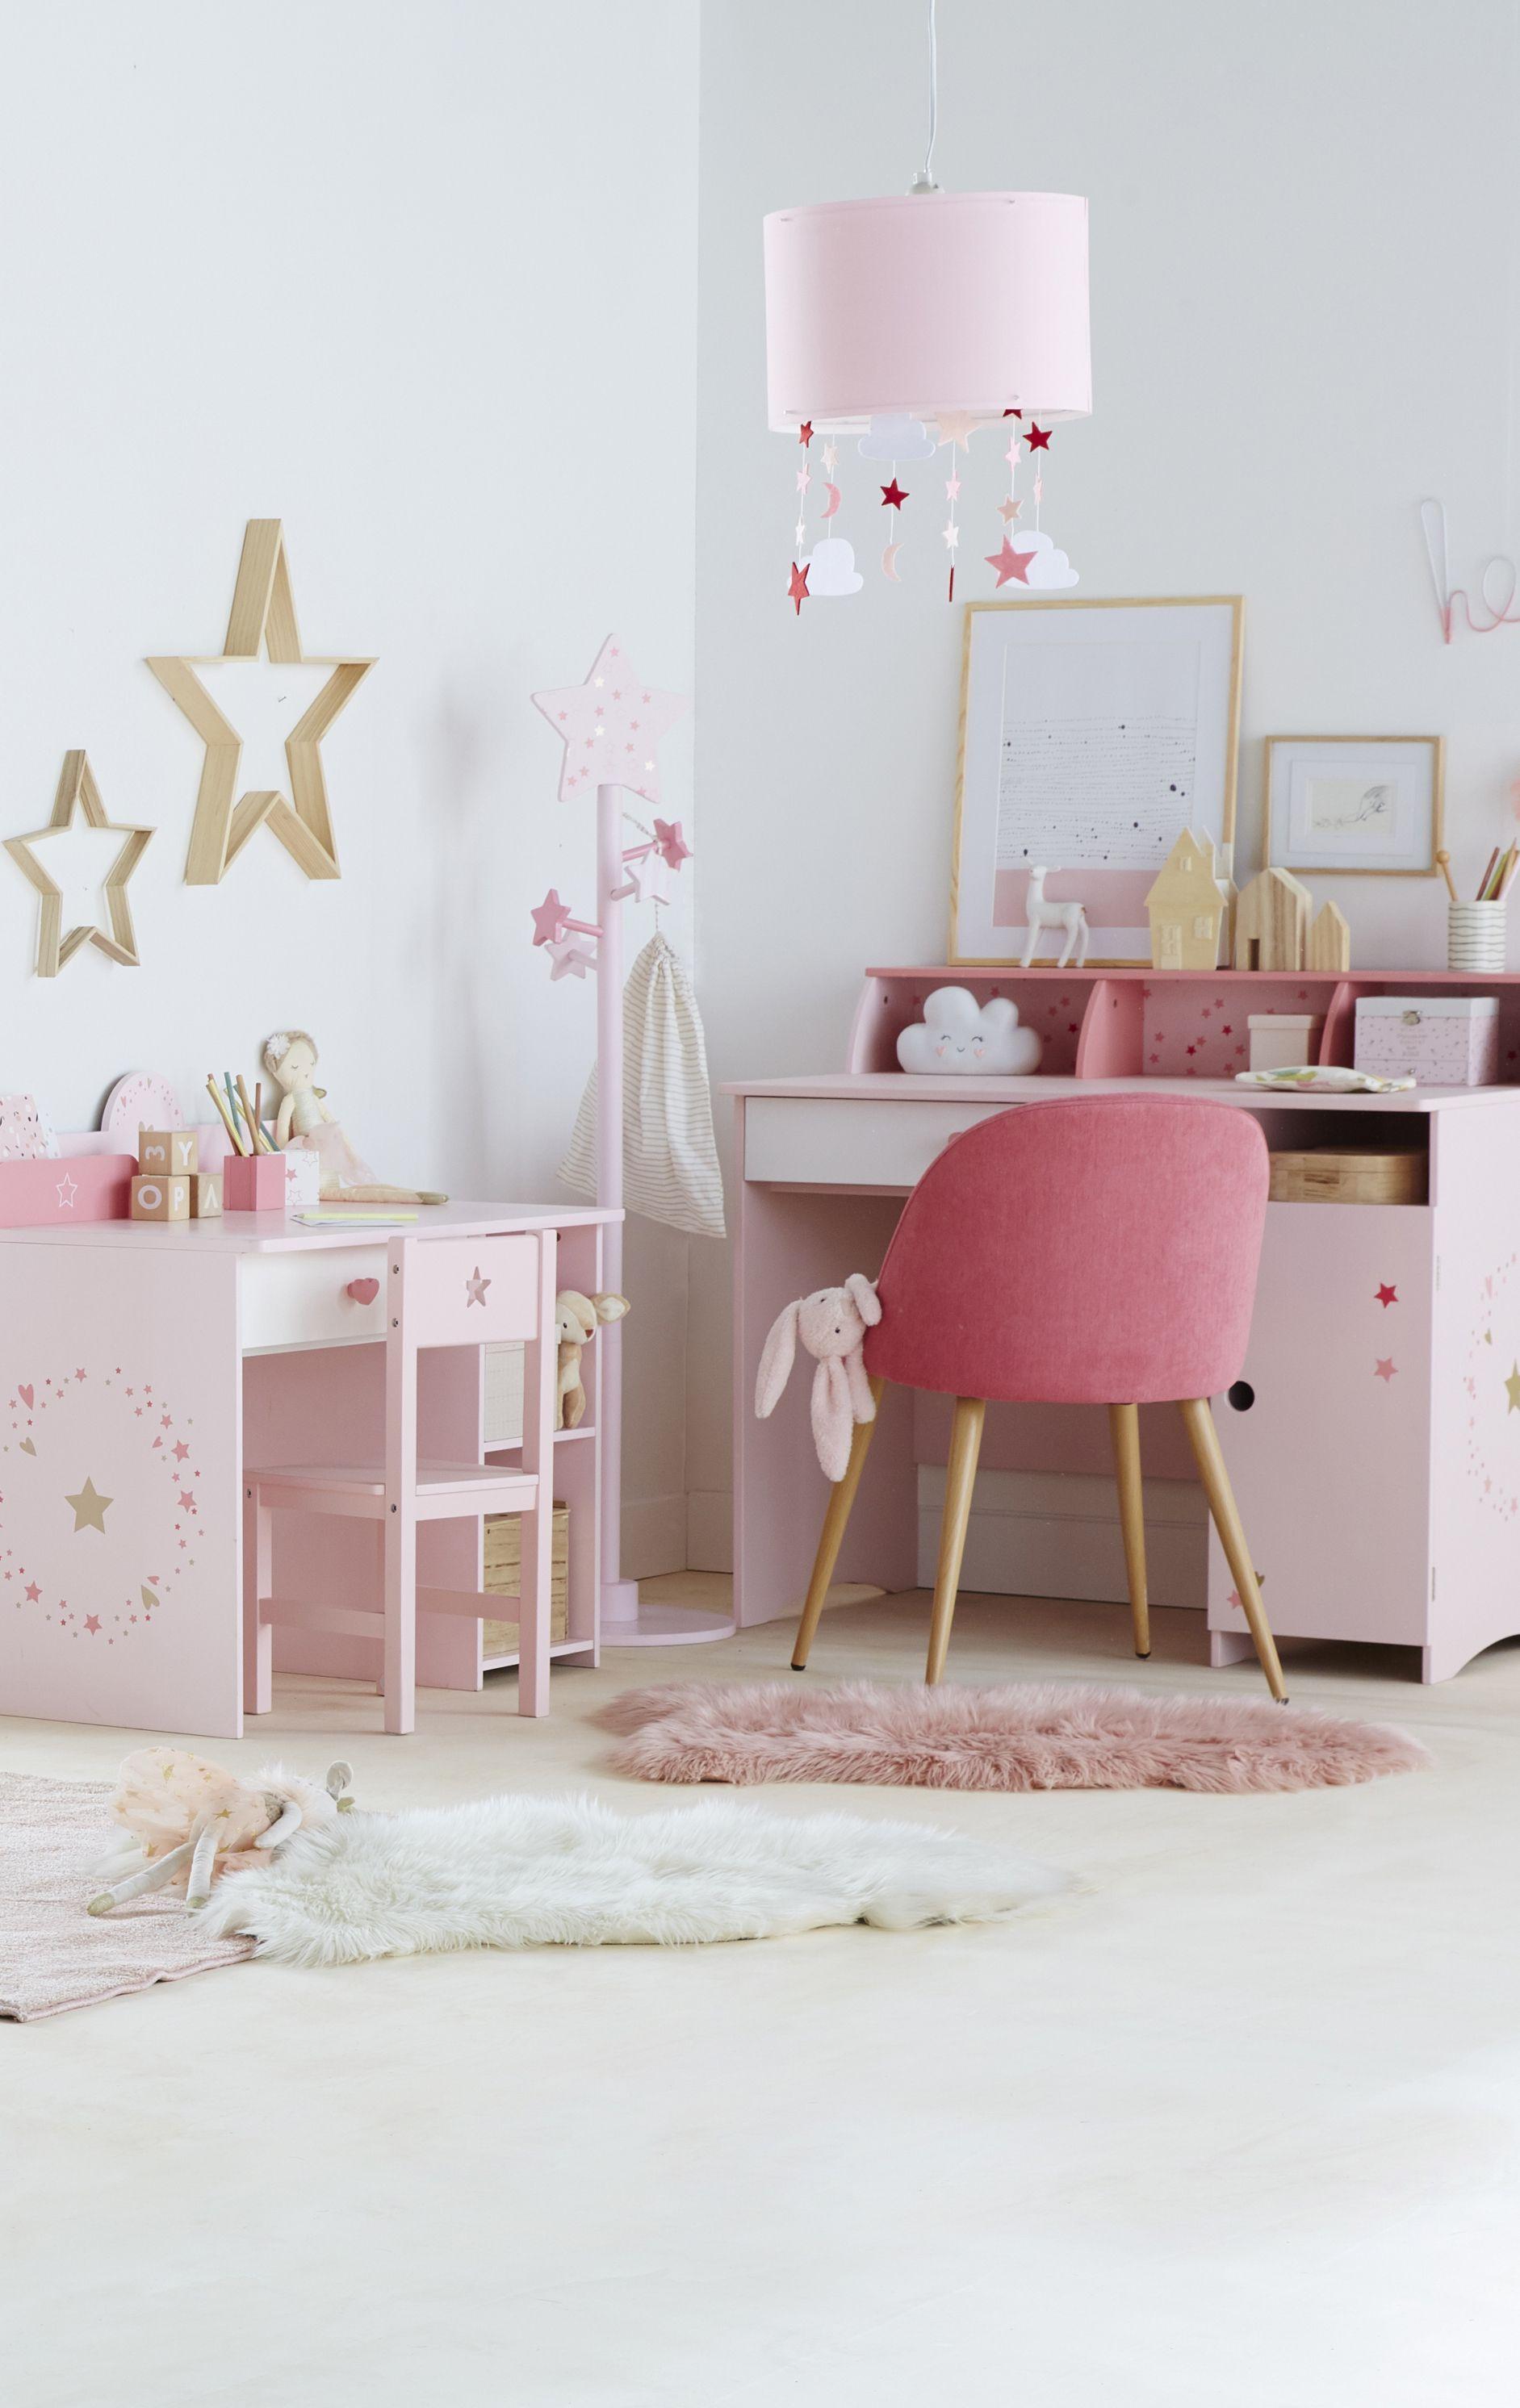 Chaise De Bureau Primaire Bubble Rose Vertbaudet Mobilier De Chambre A Coucher Deco Chambre Enfant Chaise Bureau